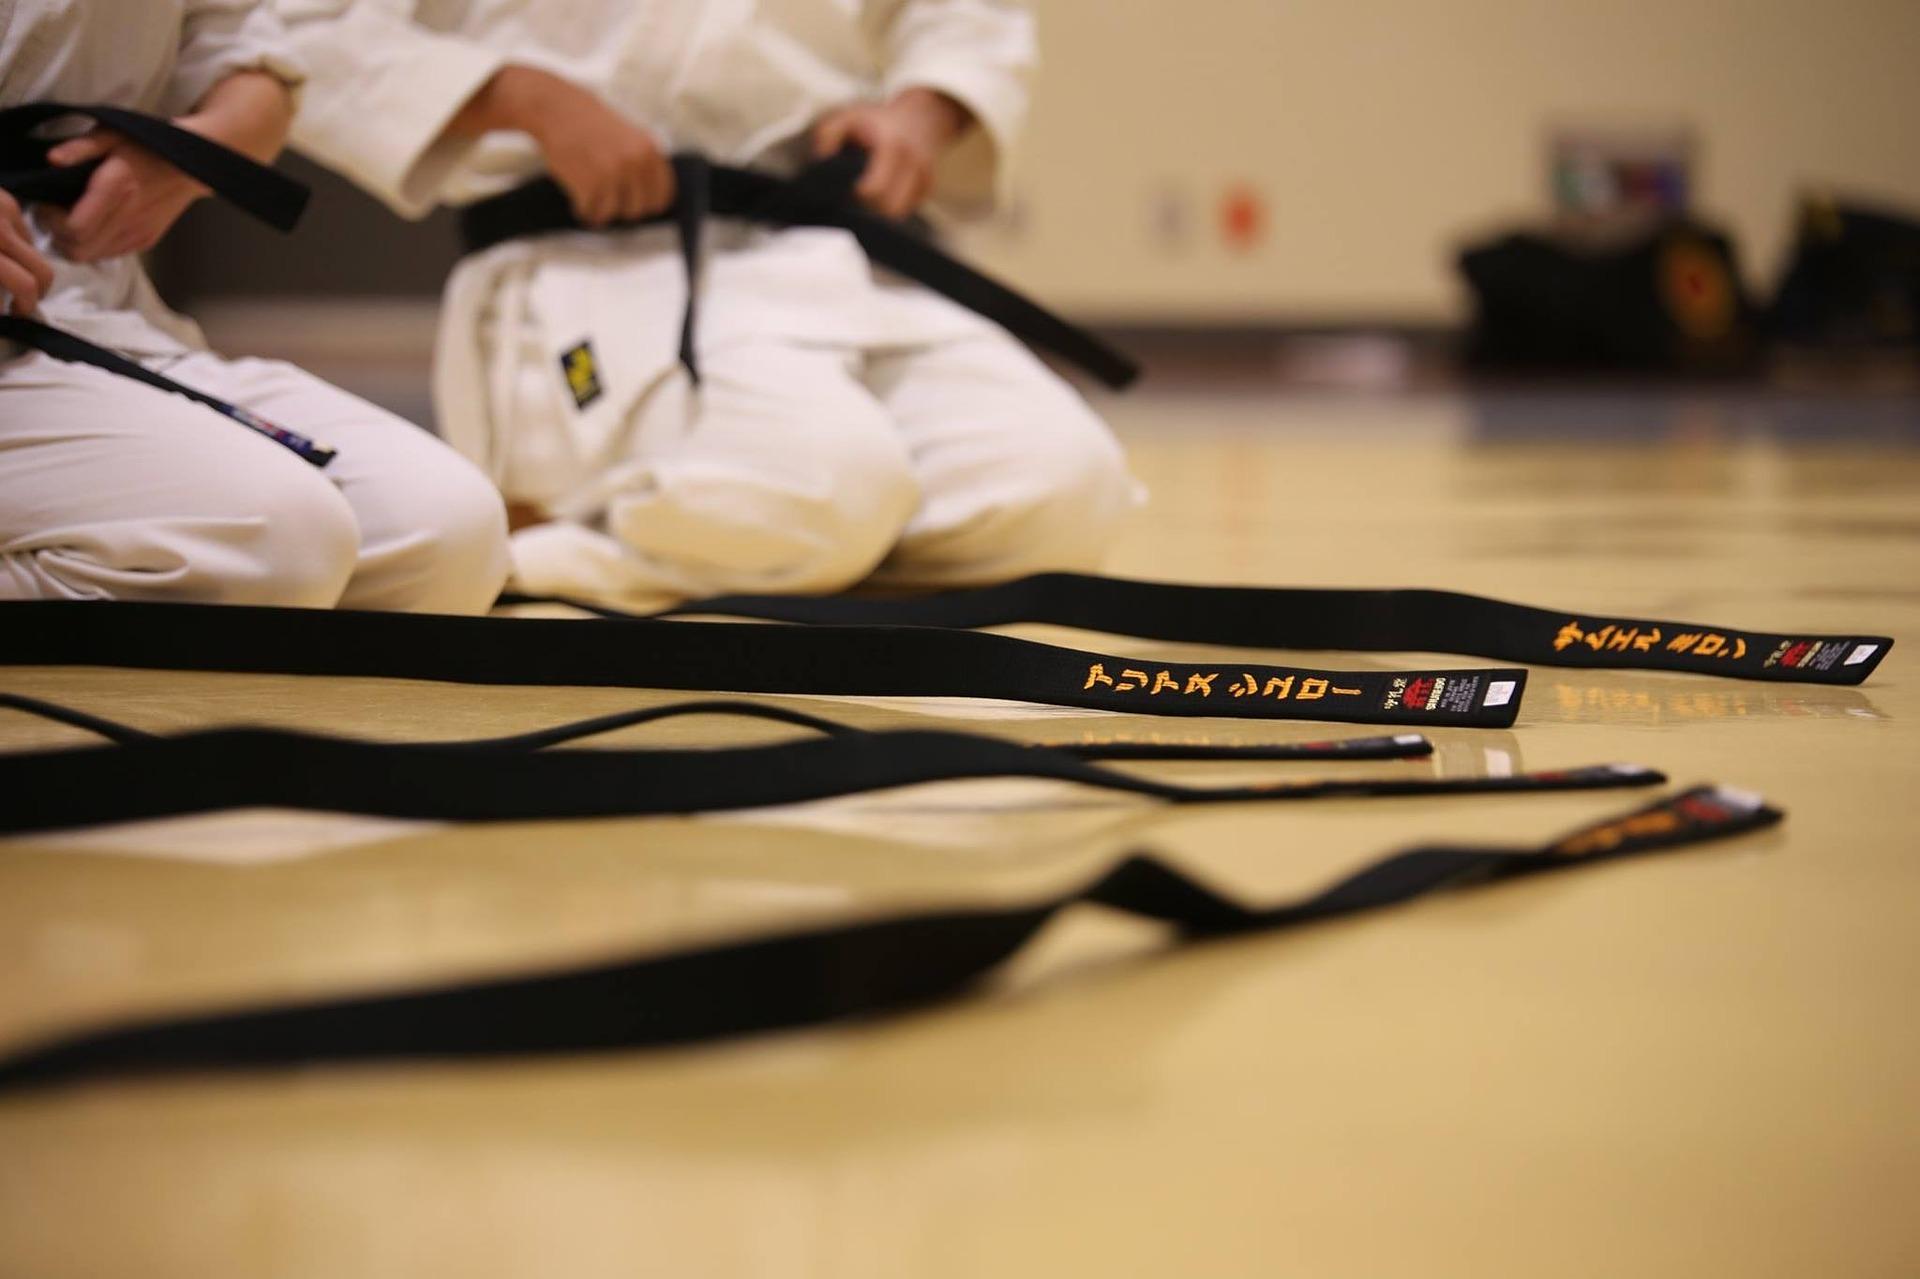 Cinture nere Arti marziali - immagine CC pubblicata da tatianaberlaffa.com